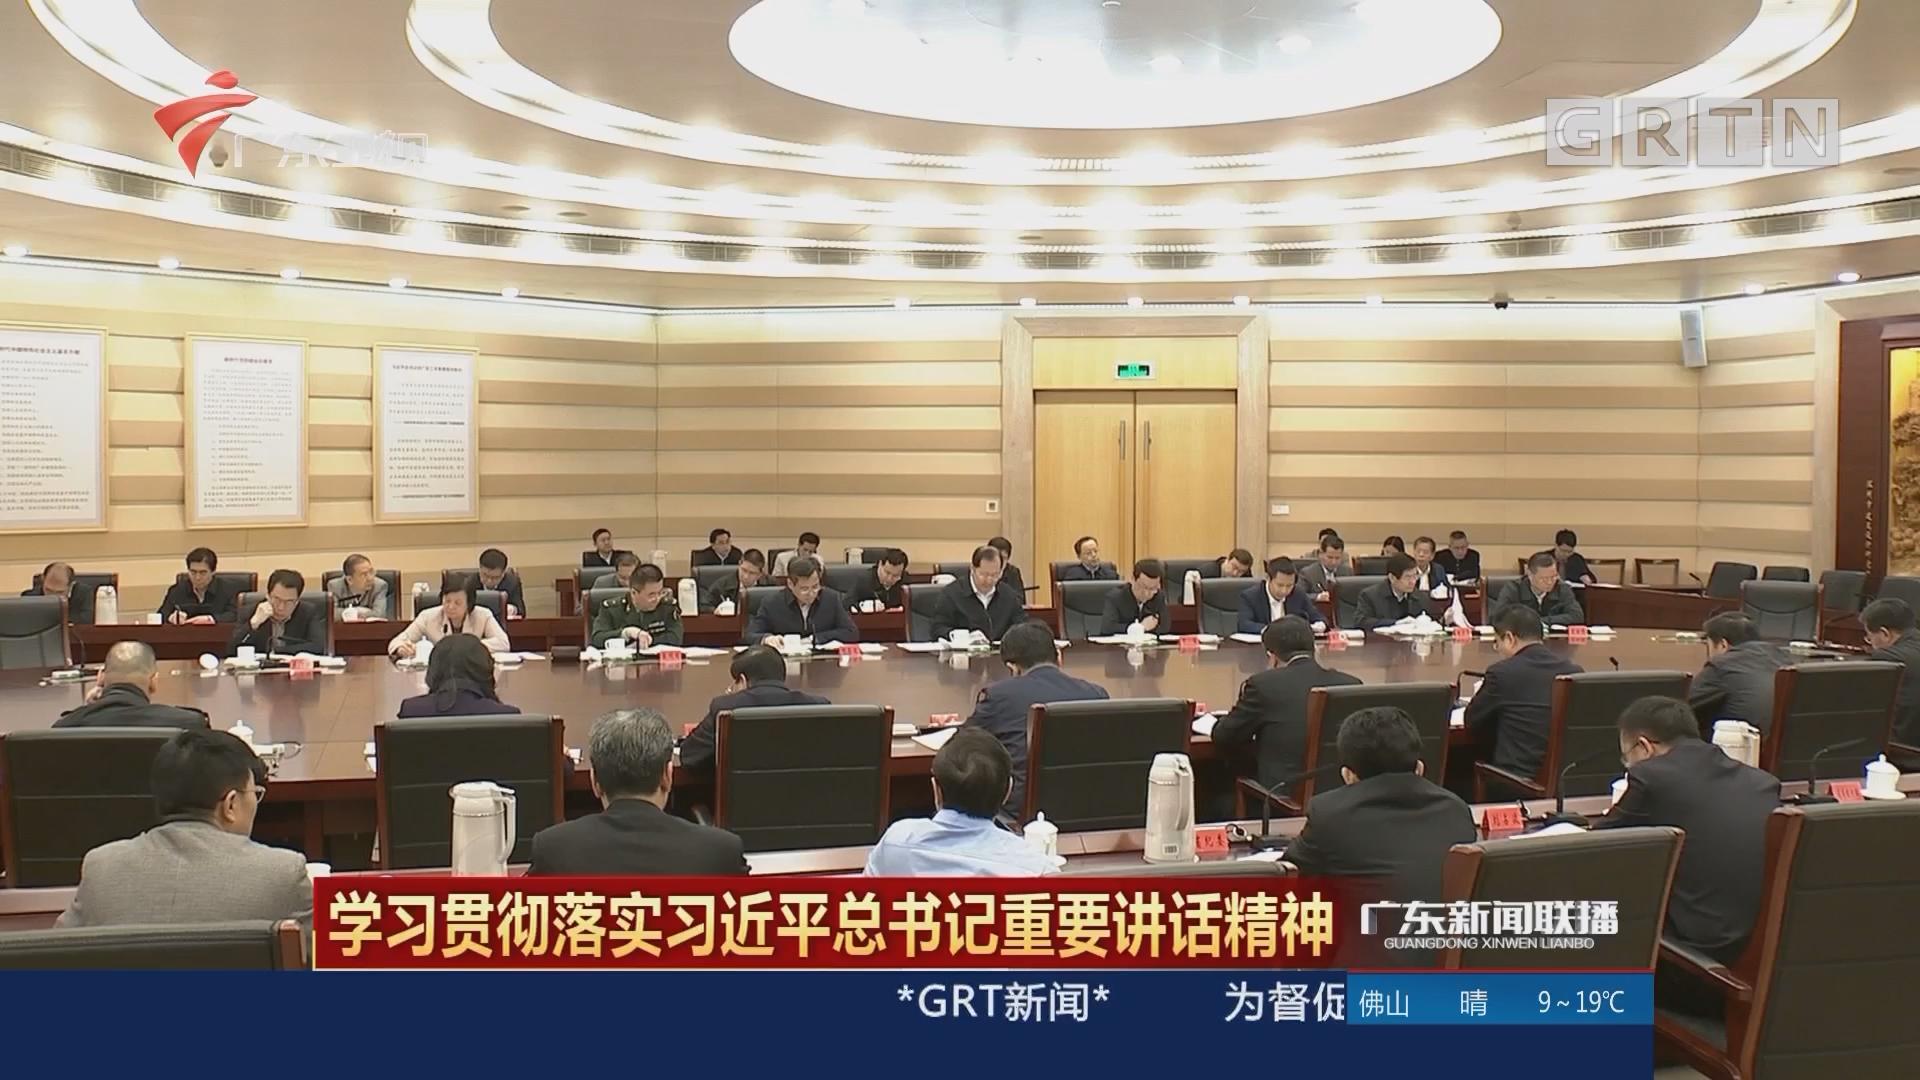 省委常委会召开扩大会议 认真学习贯彻习近平总书记在参加广东代表团审议时的重要讲话精神